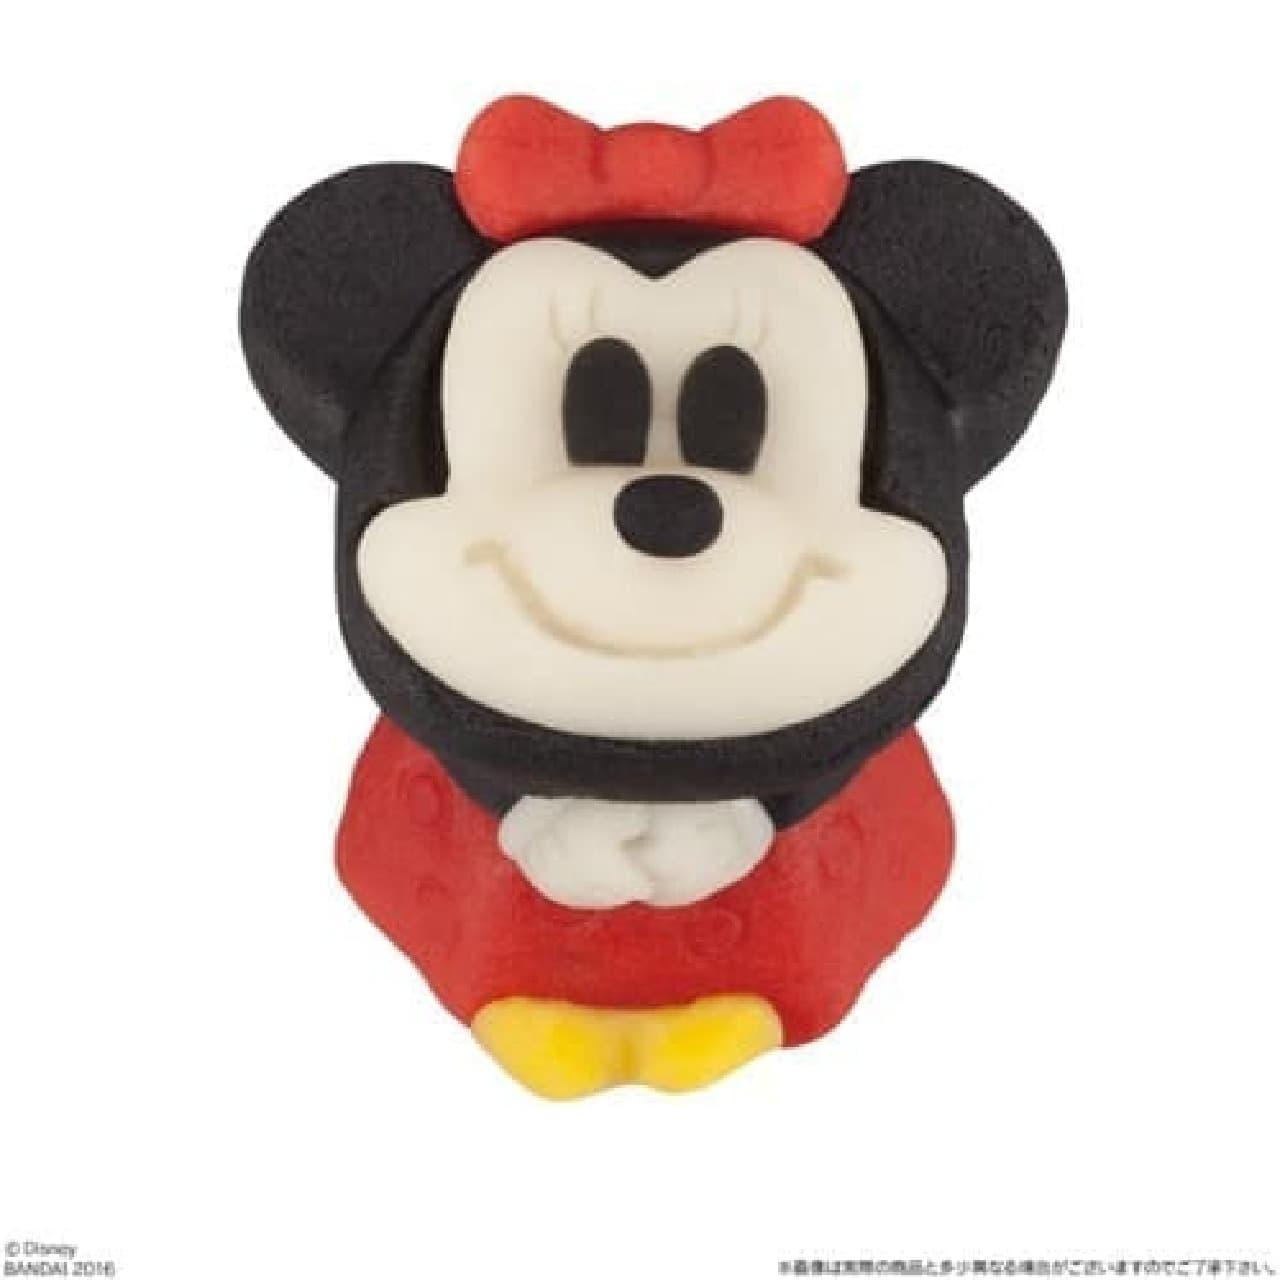 セブン&アイ「食べマス Disney ミニーマウス」